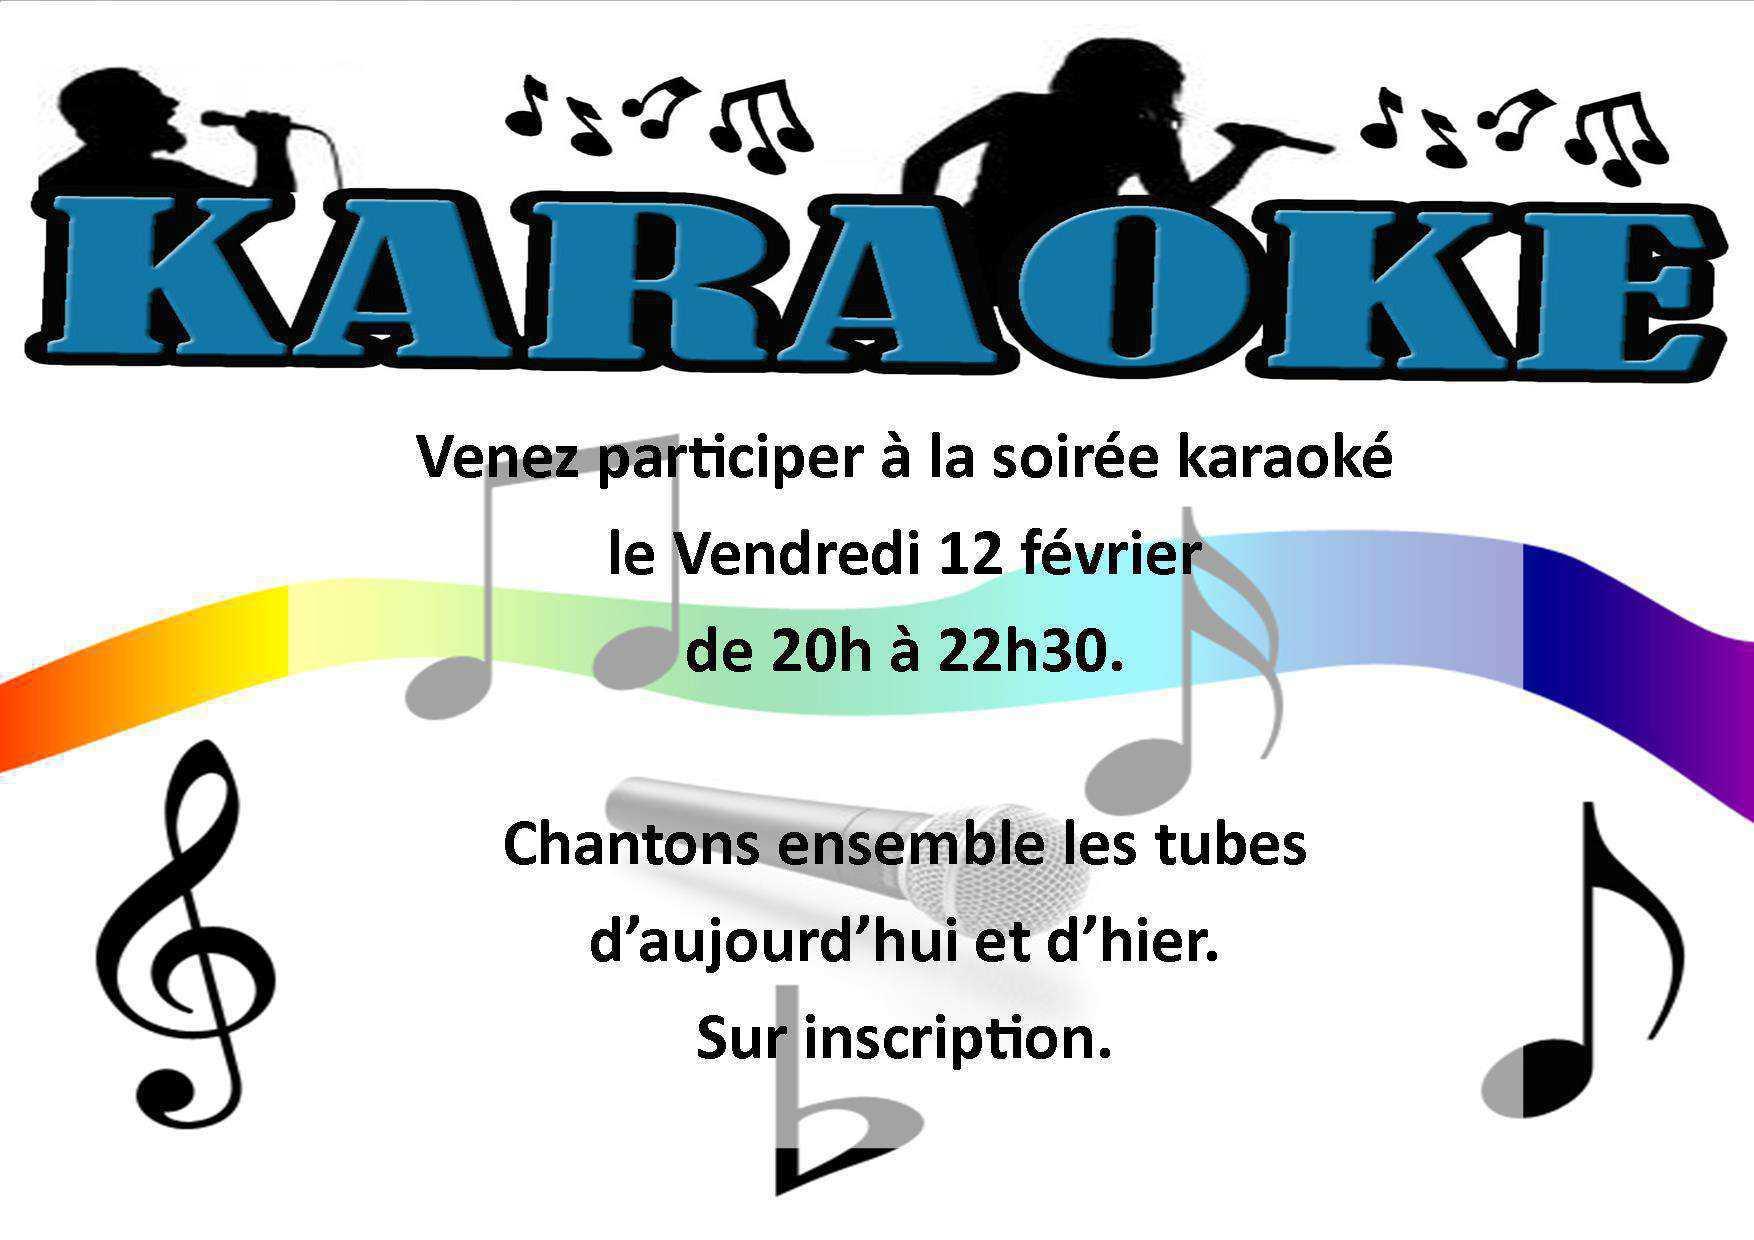 Soirée karaoké le 12 février